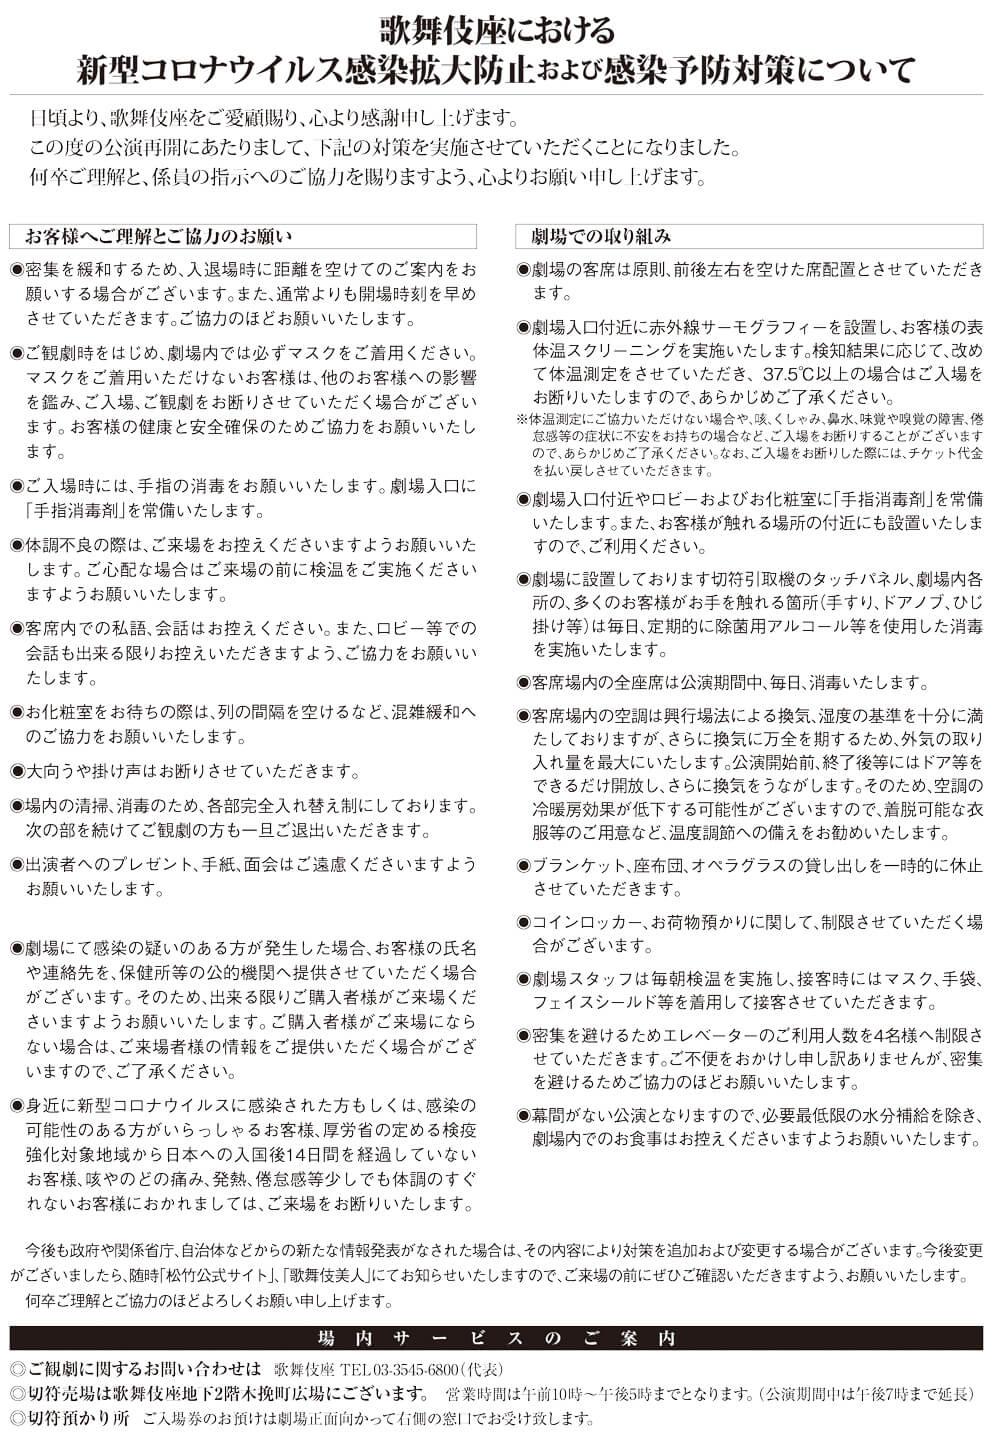 月 座 8 公演 伎 歌舞